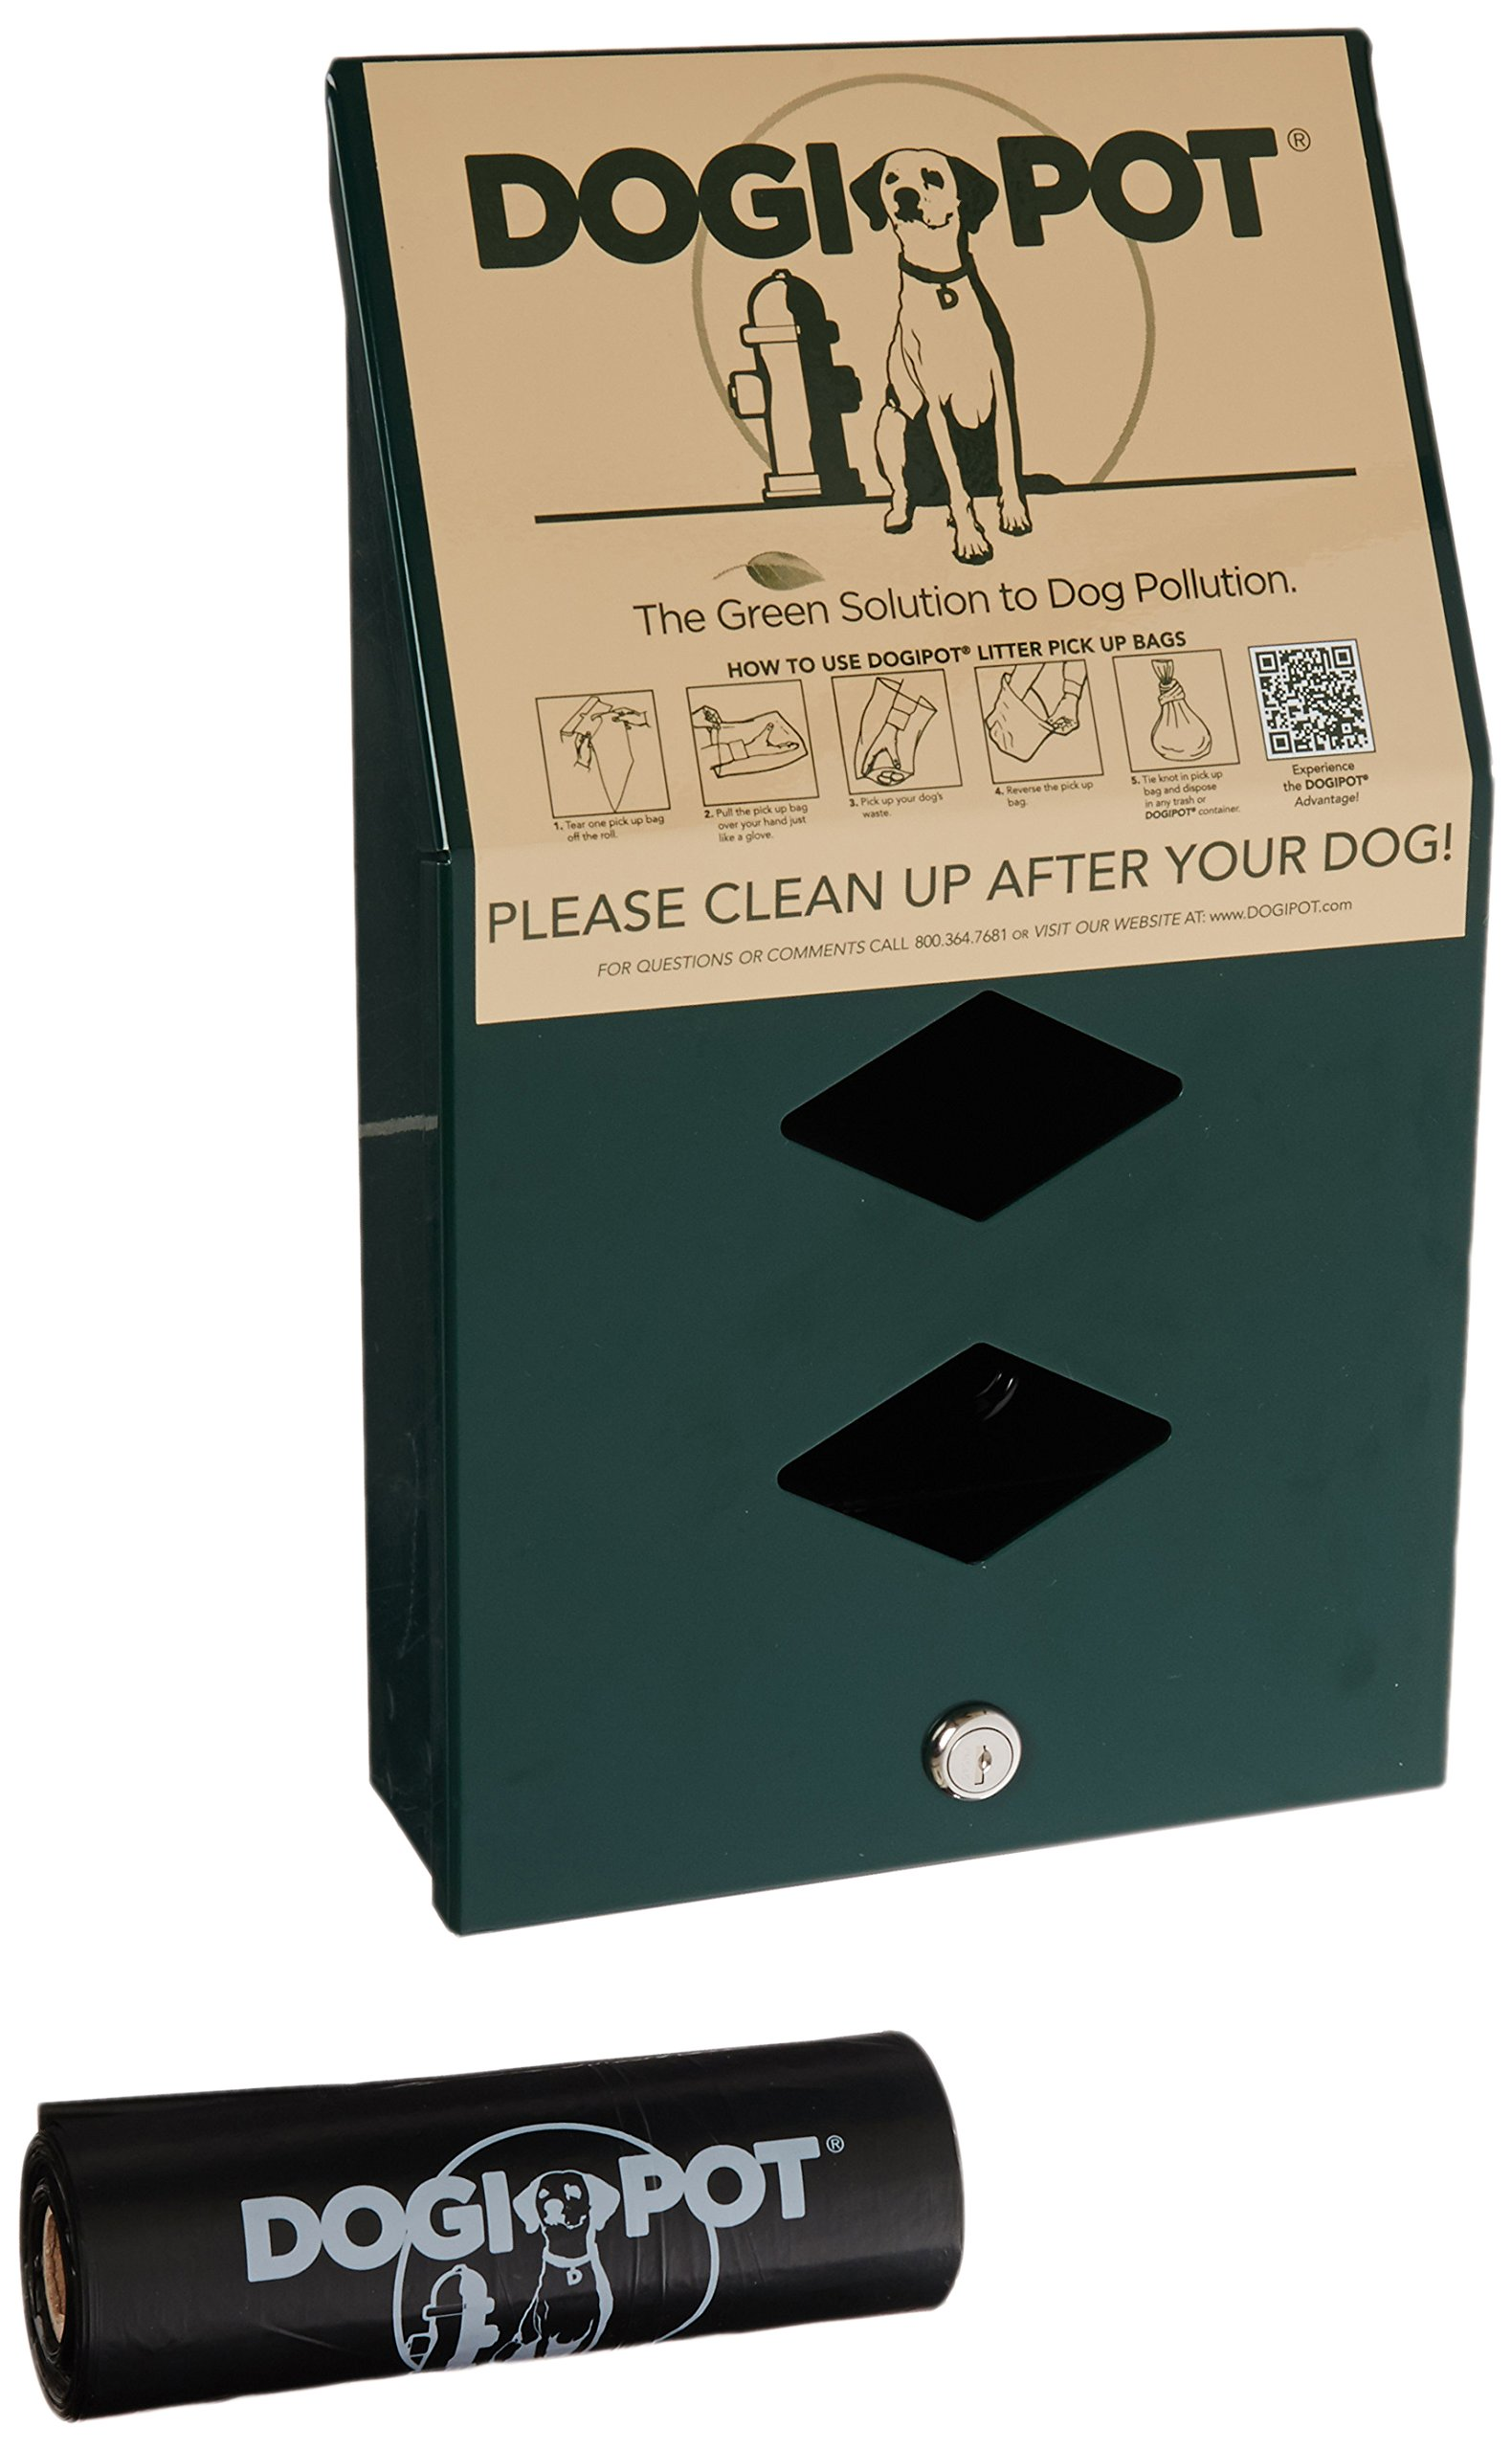 DOGIPOT 1002-2 Junior Bag Dispenser with Litter Bag Rolls, Aluminum, Forest Green by Dogipot